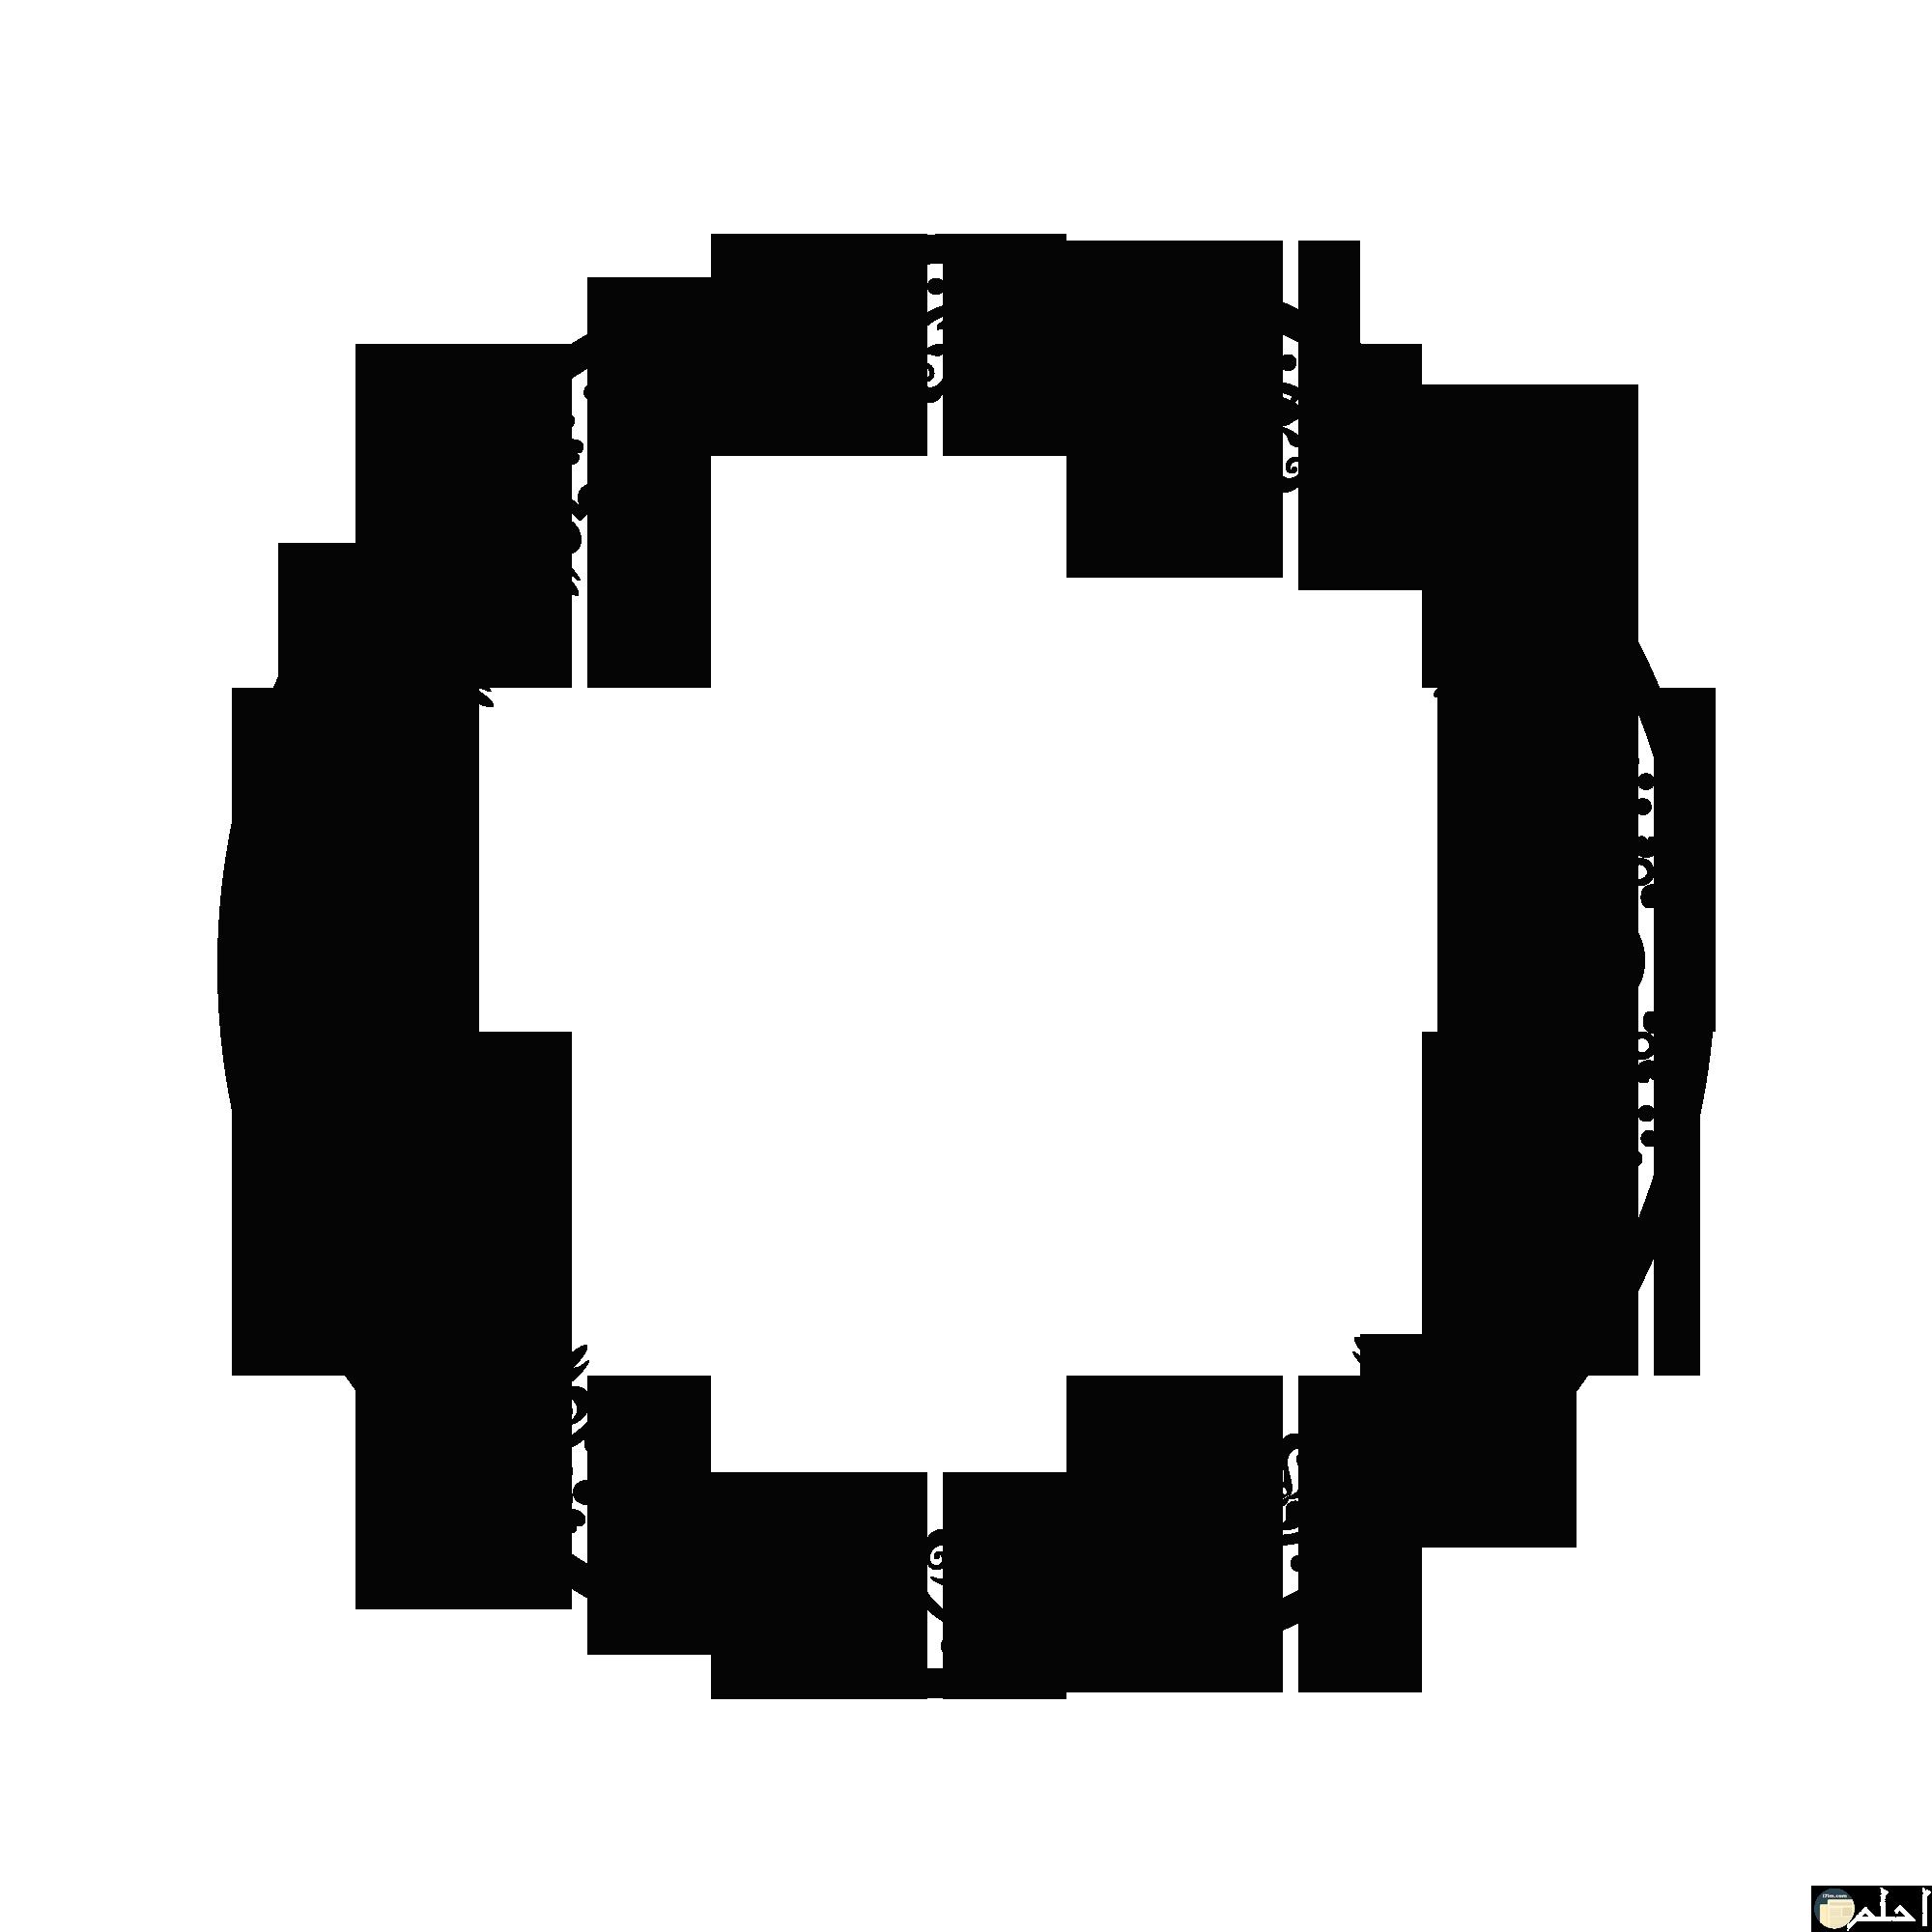 أجمل زخارف إسلامية أبيض واسود تحفة